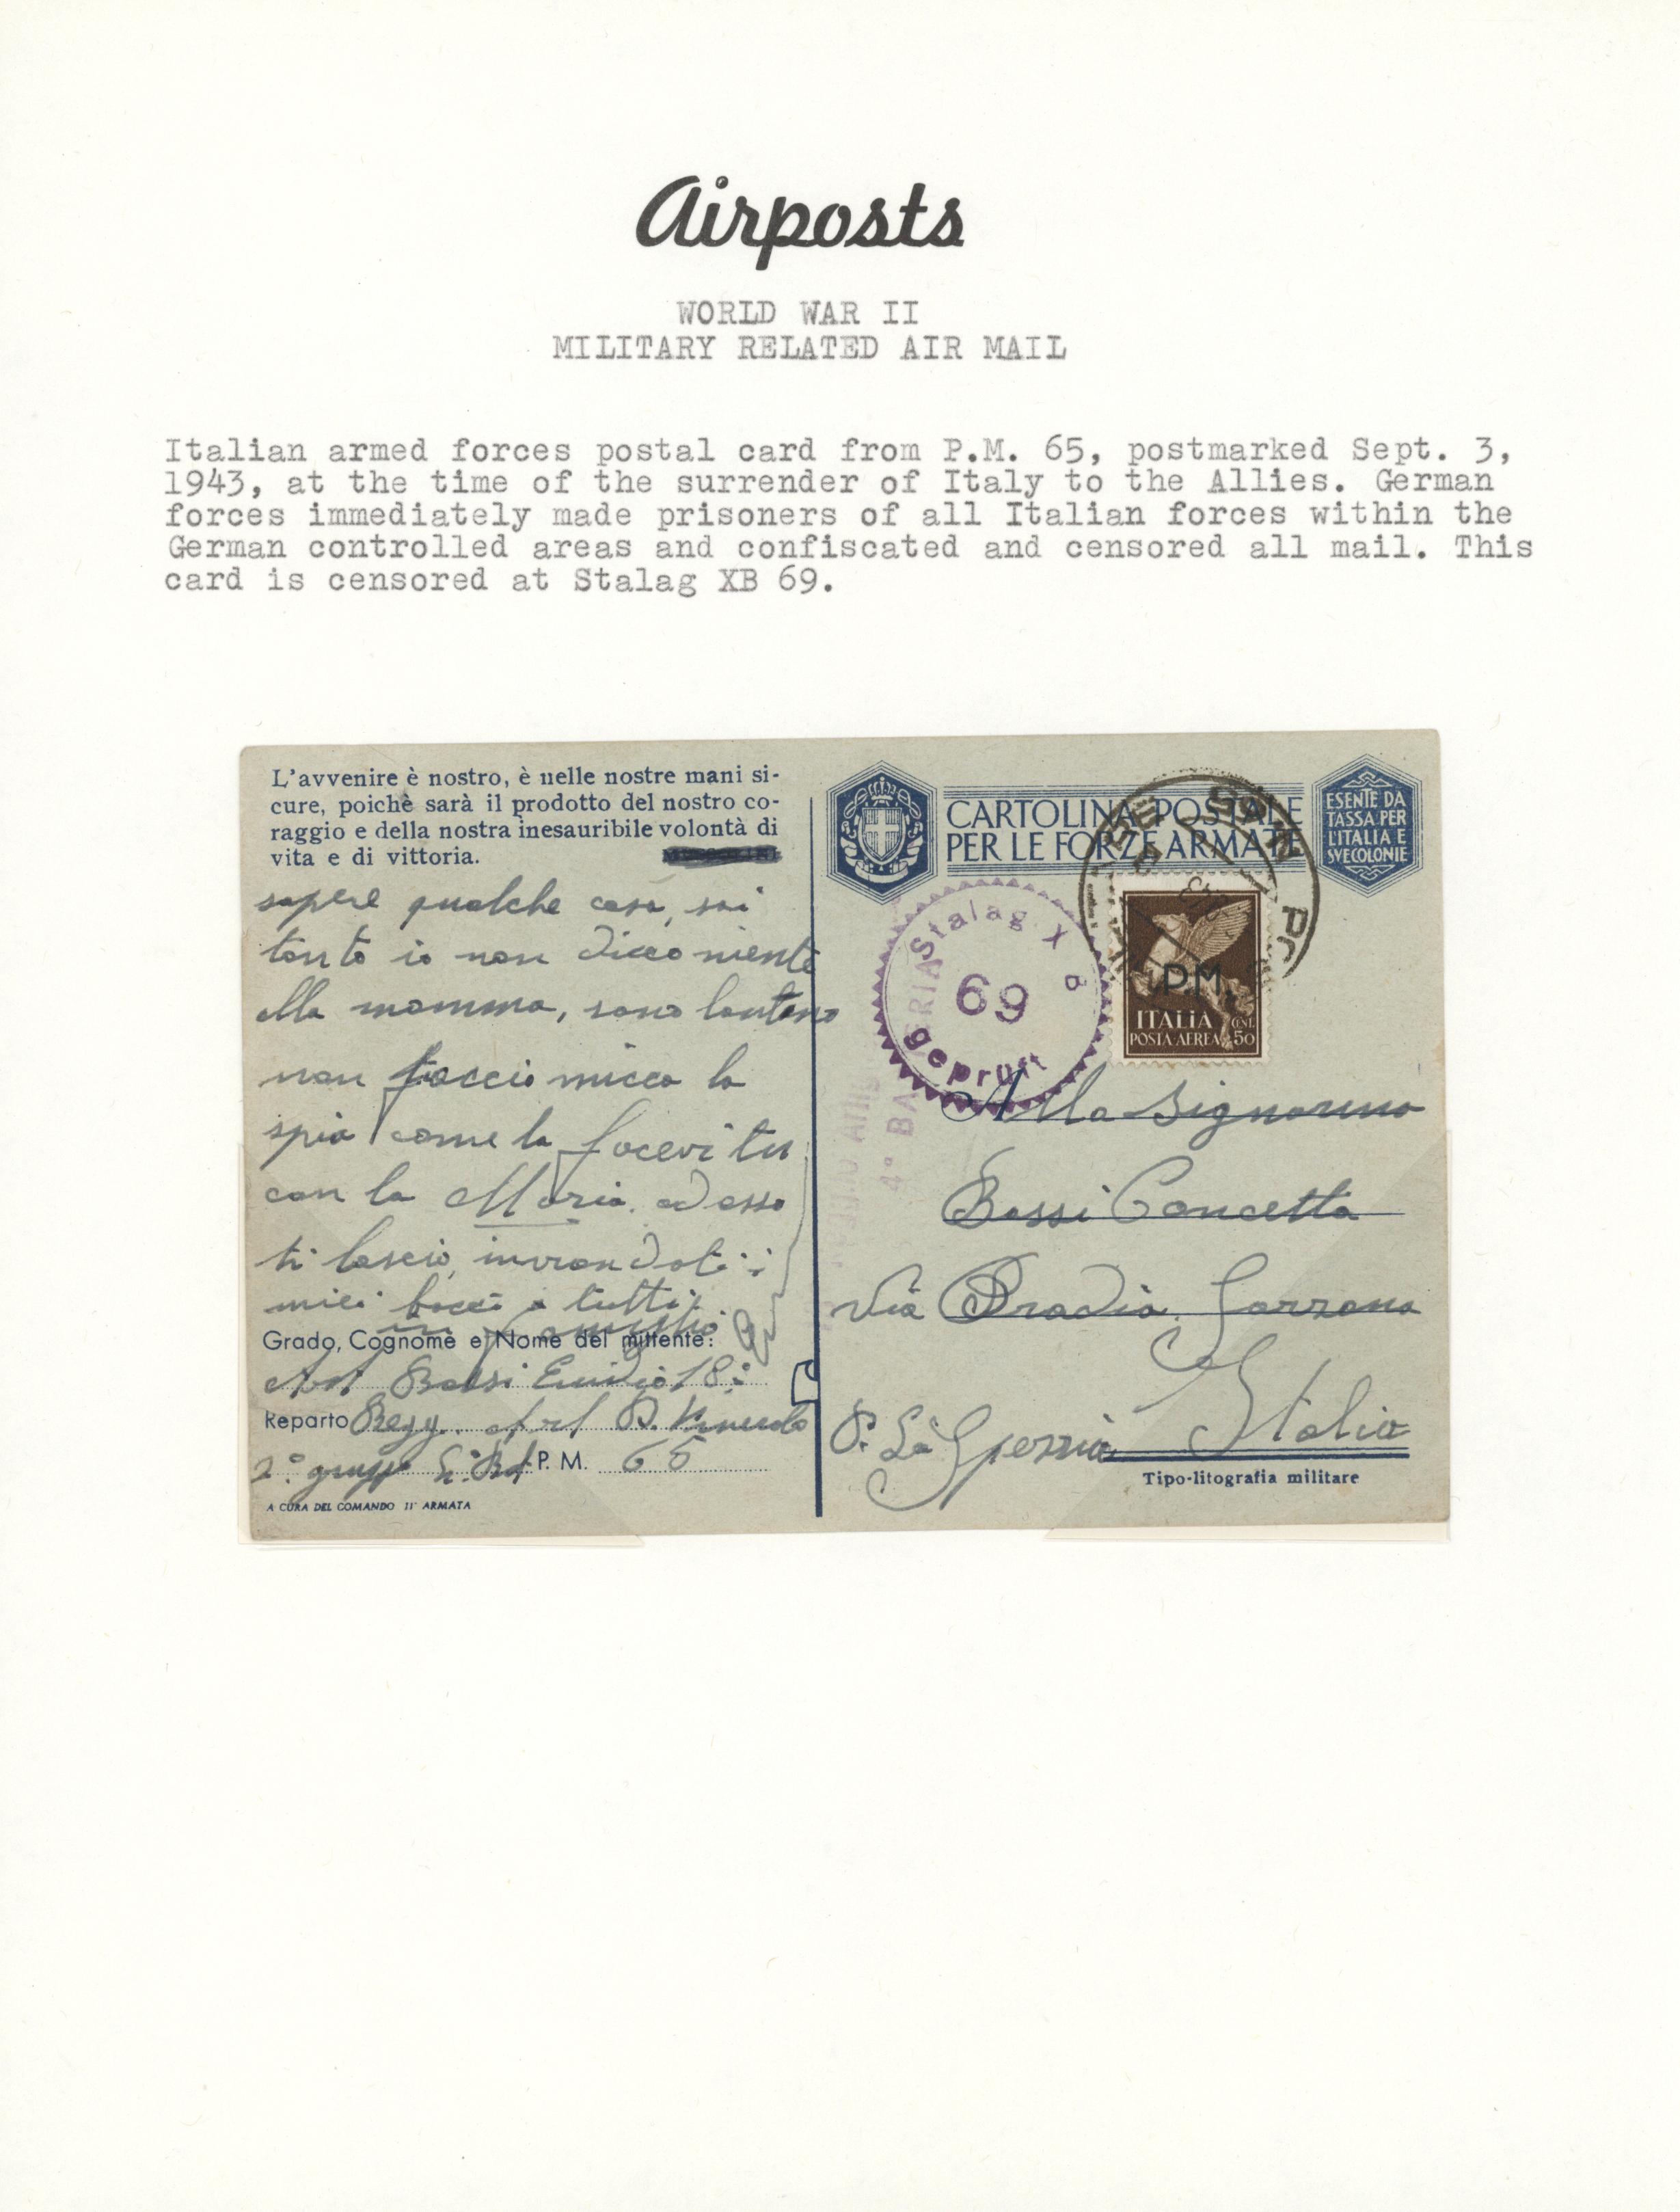 Brd Ab 1948 Gestempelt Moderater Preis 1 Steckkarte Mit Marken